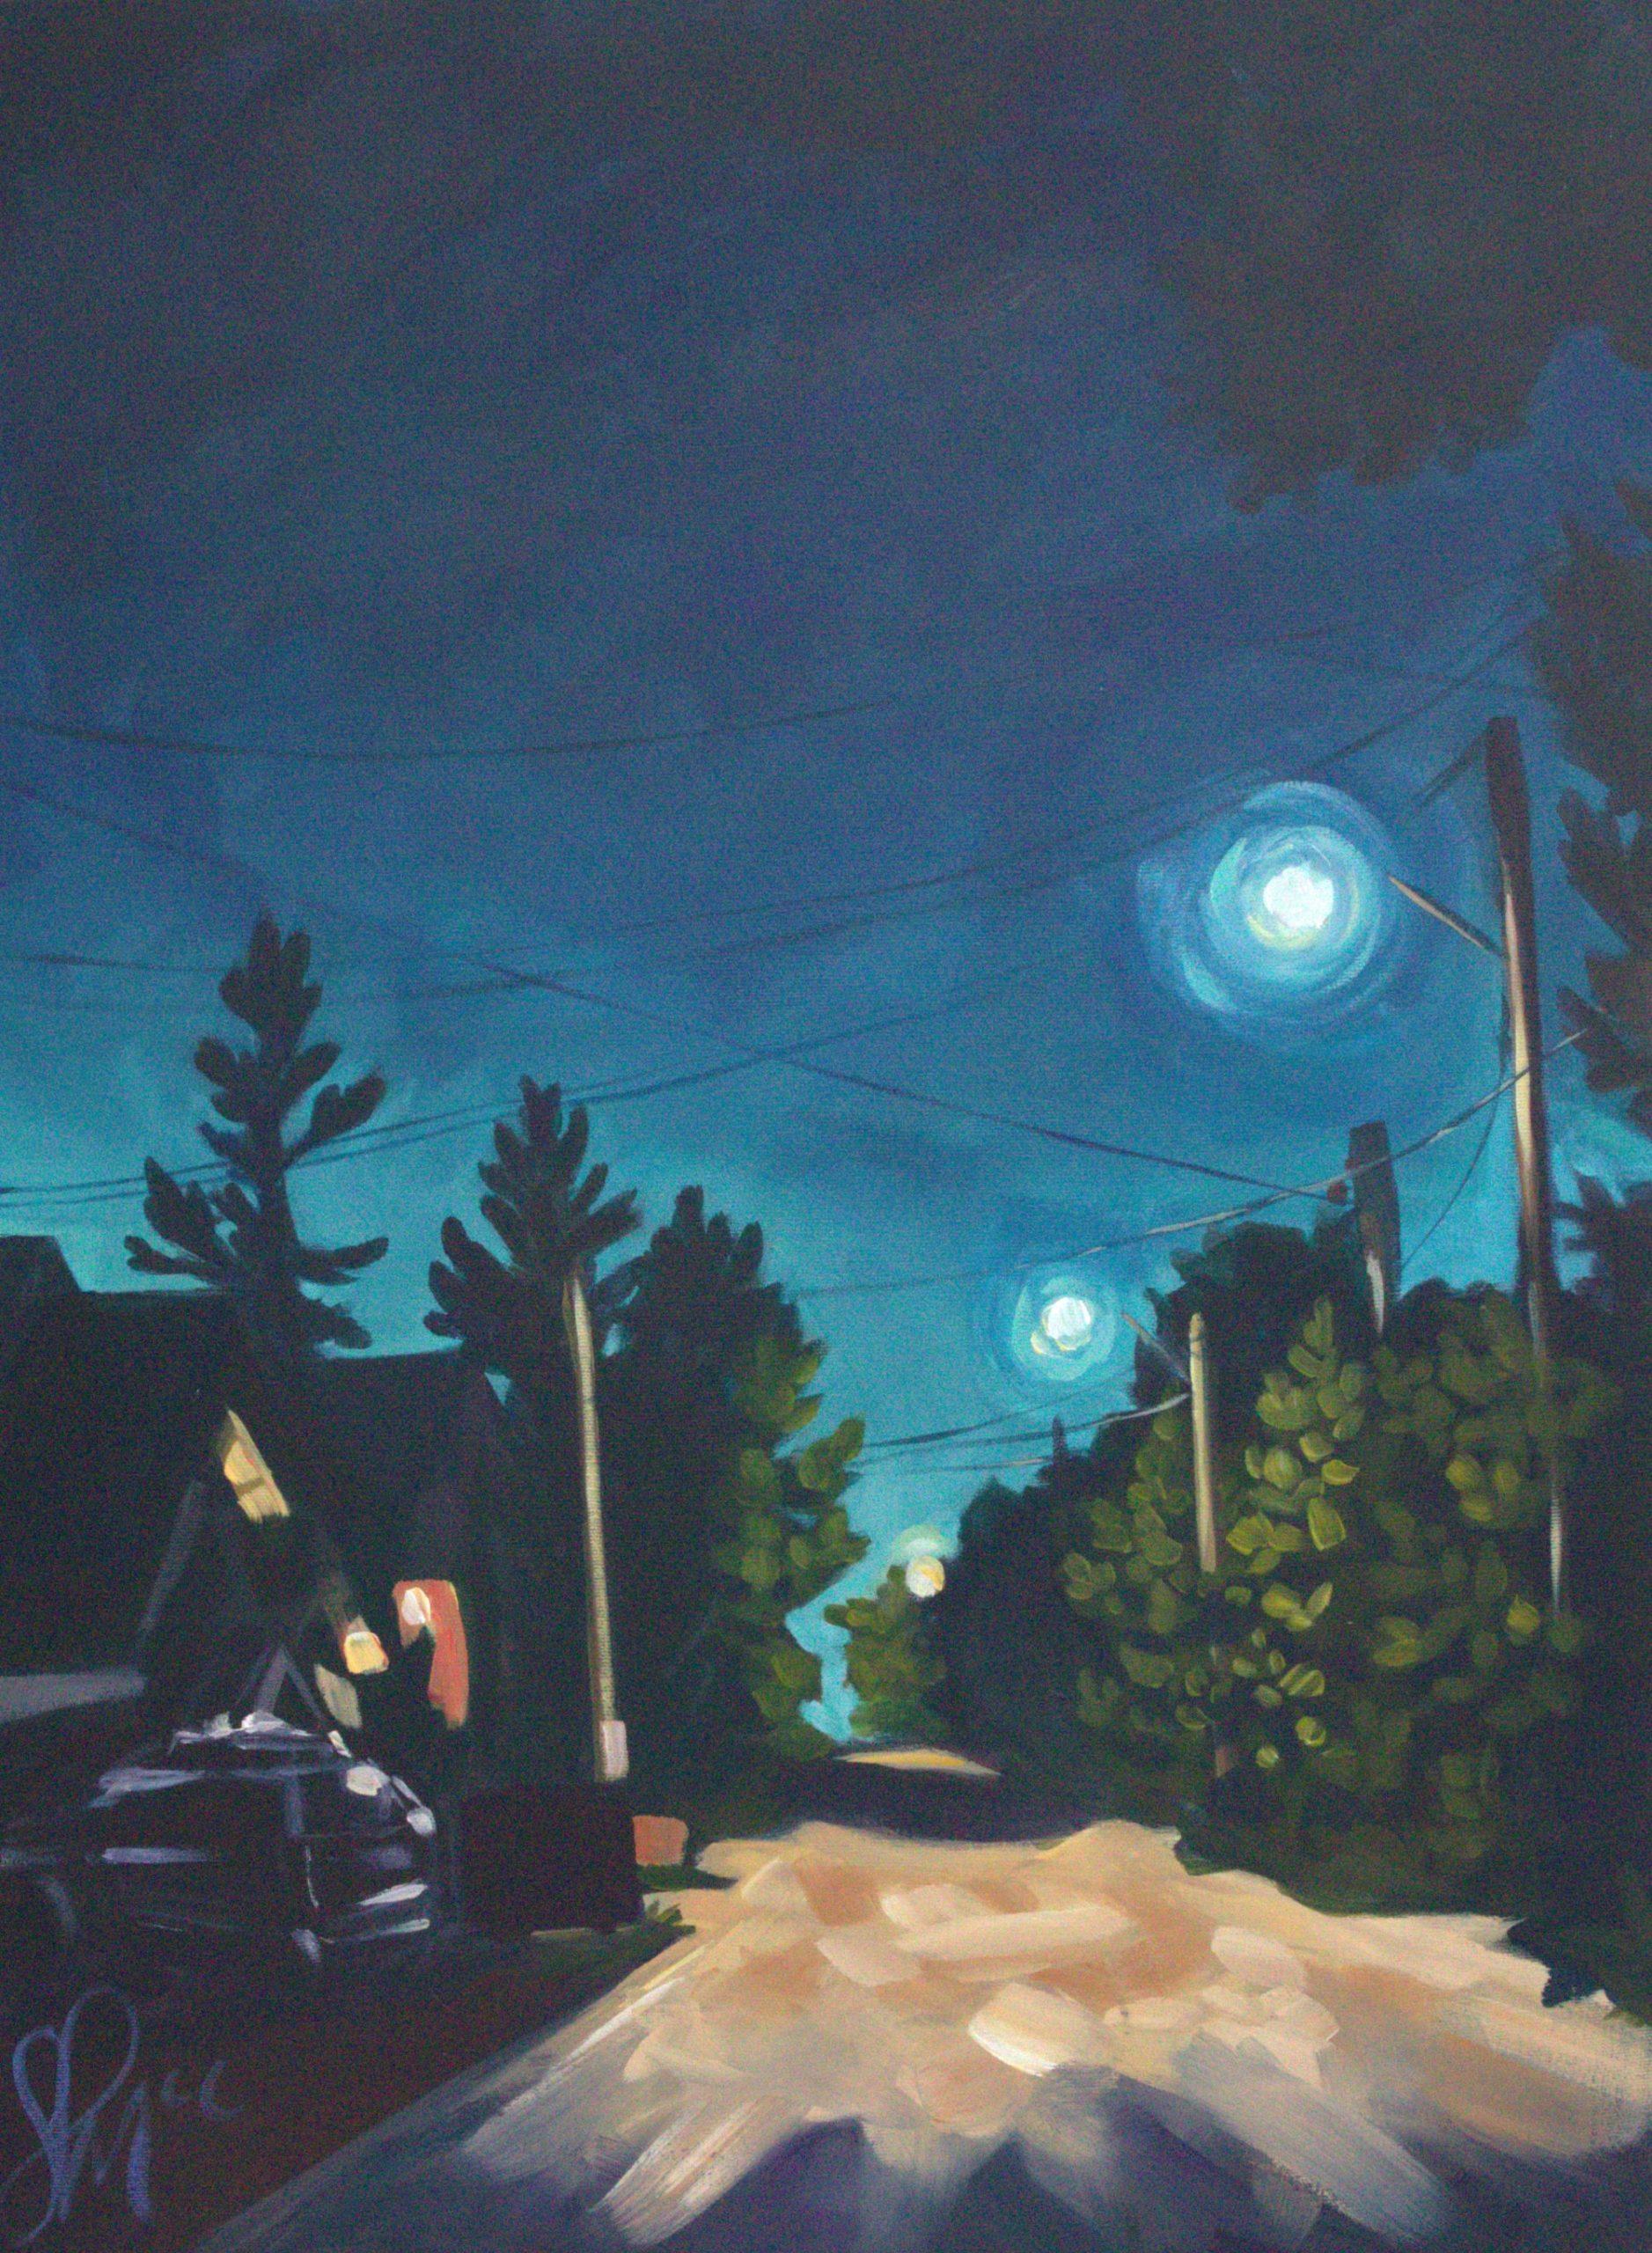 Memory Lane by Shandelle McCurdie